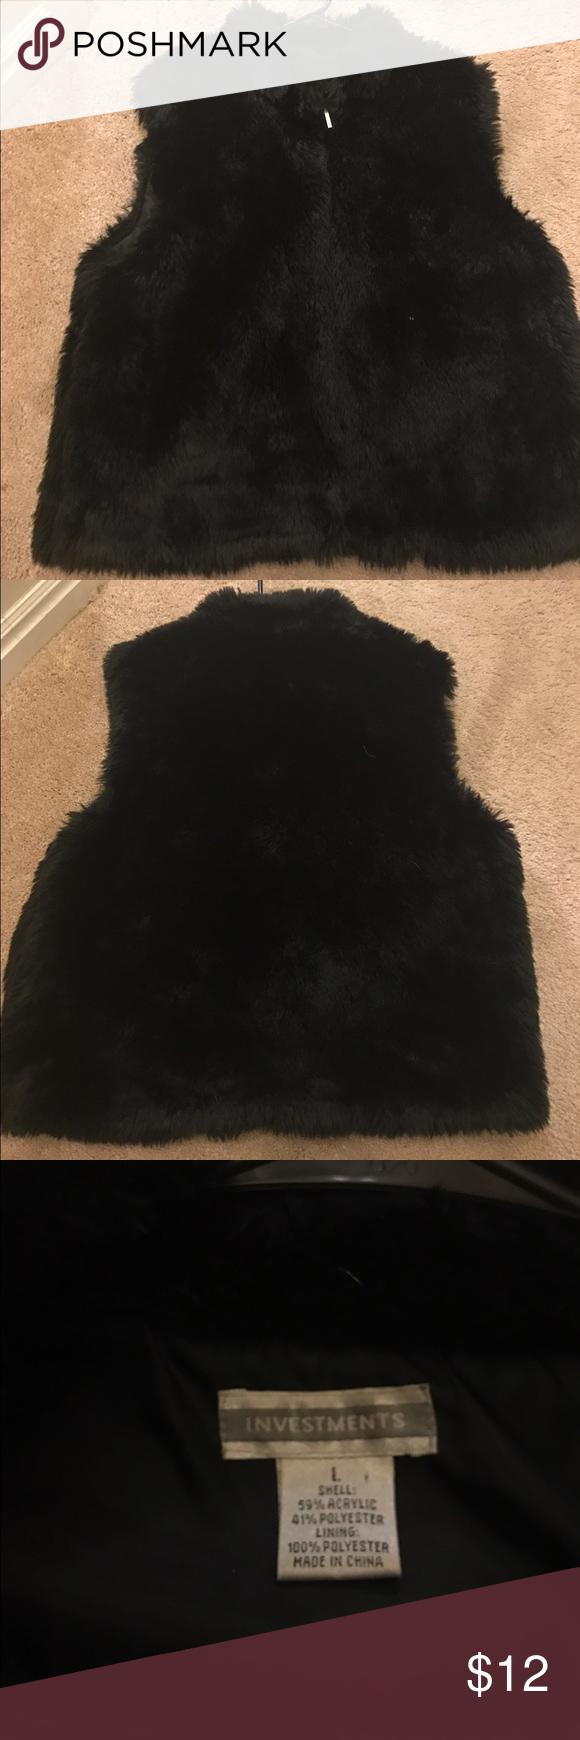 Black faux fur vest Size large black faux fur vest. Good condition. Jackets & Coats Vests